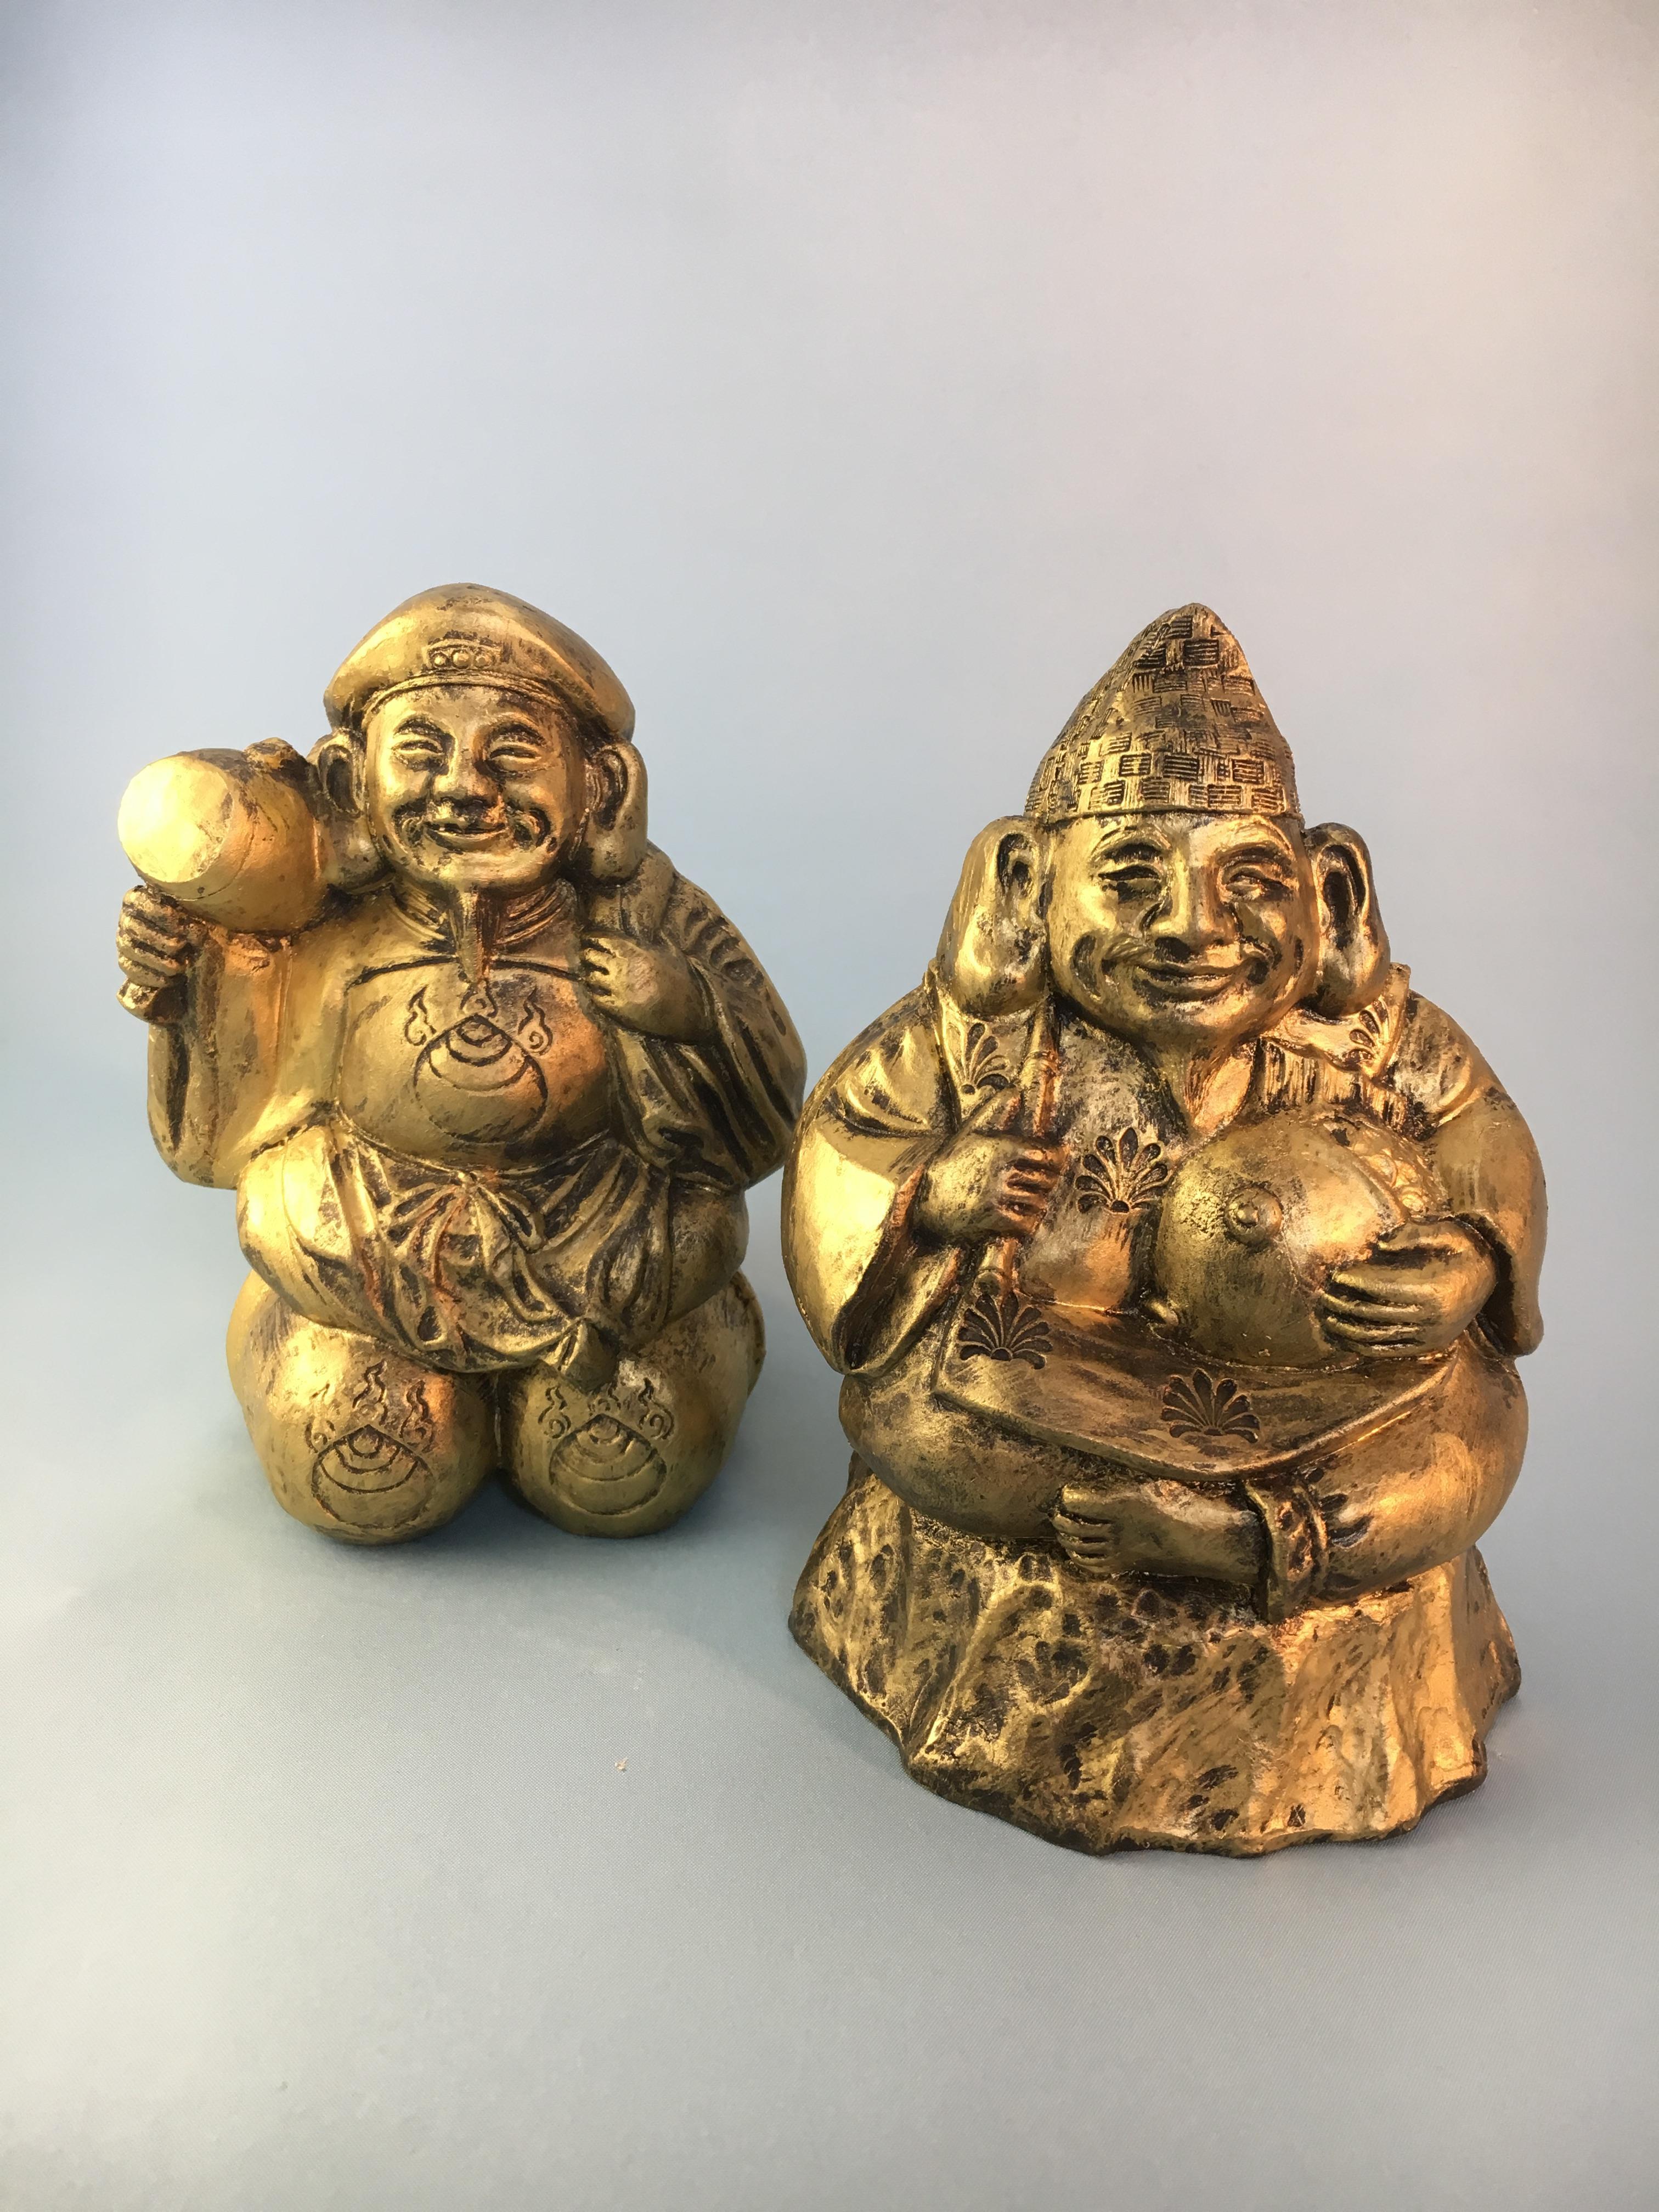 恵比寿様(えびすさま)は日本の神で、現在では七福神の一員として日本古来の唯一(その他はインドや中国由来)の福の神です。 古くから漁業の神でもあり、後に留守神、さらには商いの神ともされました。 夷、戎、胡、蛭子、蝦夷、恵比須、恵比寿、恵美須などとも表記し、えびっさん、えべっさん、おべっさんなどとも呼称されます。大黒様と恵比寿様は各々七福神の一柱ですが、寿老人と福禄寿が二柱で一組で信仰される事と同様に、一組で信仰されることが多いです。このことは大黒が五穀豊穣の農業の神である面と恵比寿が大漁追福の漁業の神である面に起因すると考えられています。また商業においても農産物や水産物は主力であったことから商売の神としても信仰されるようになっていきました。